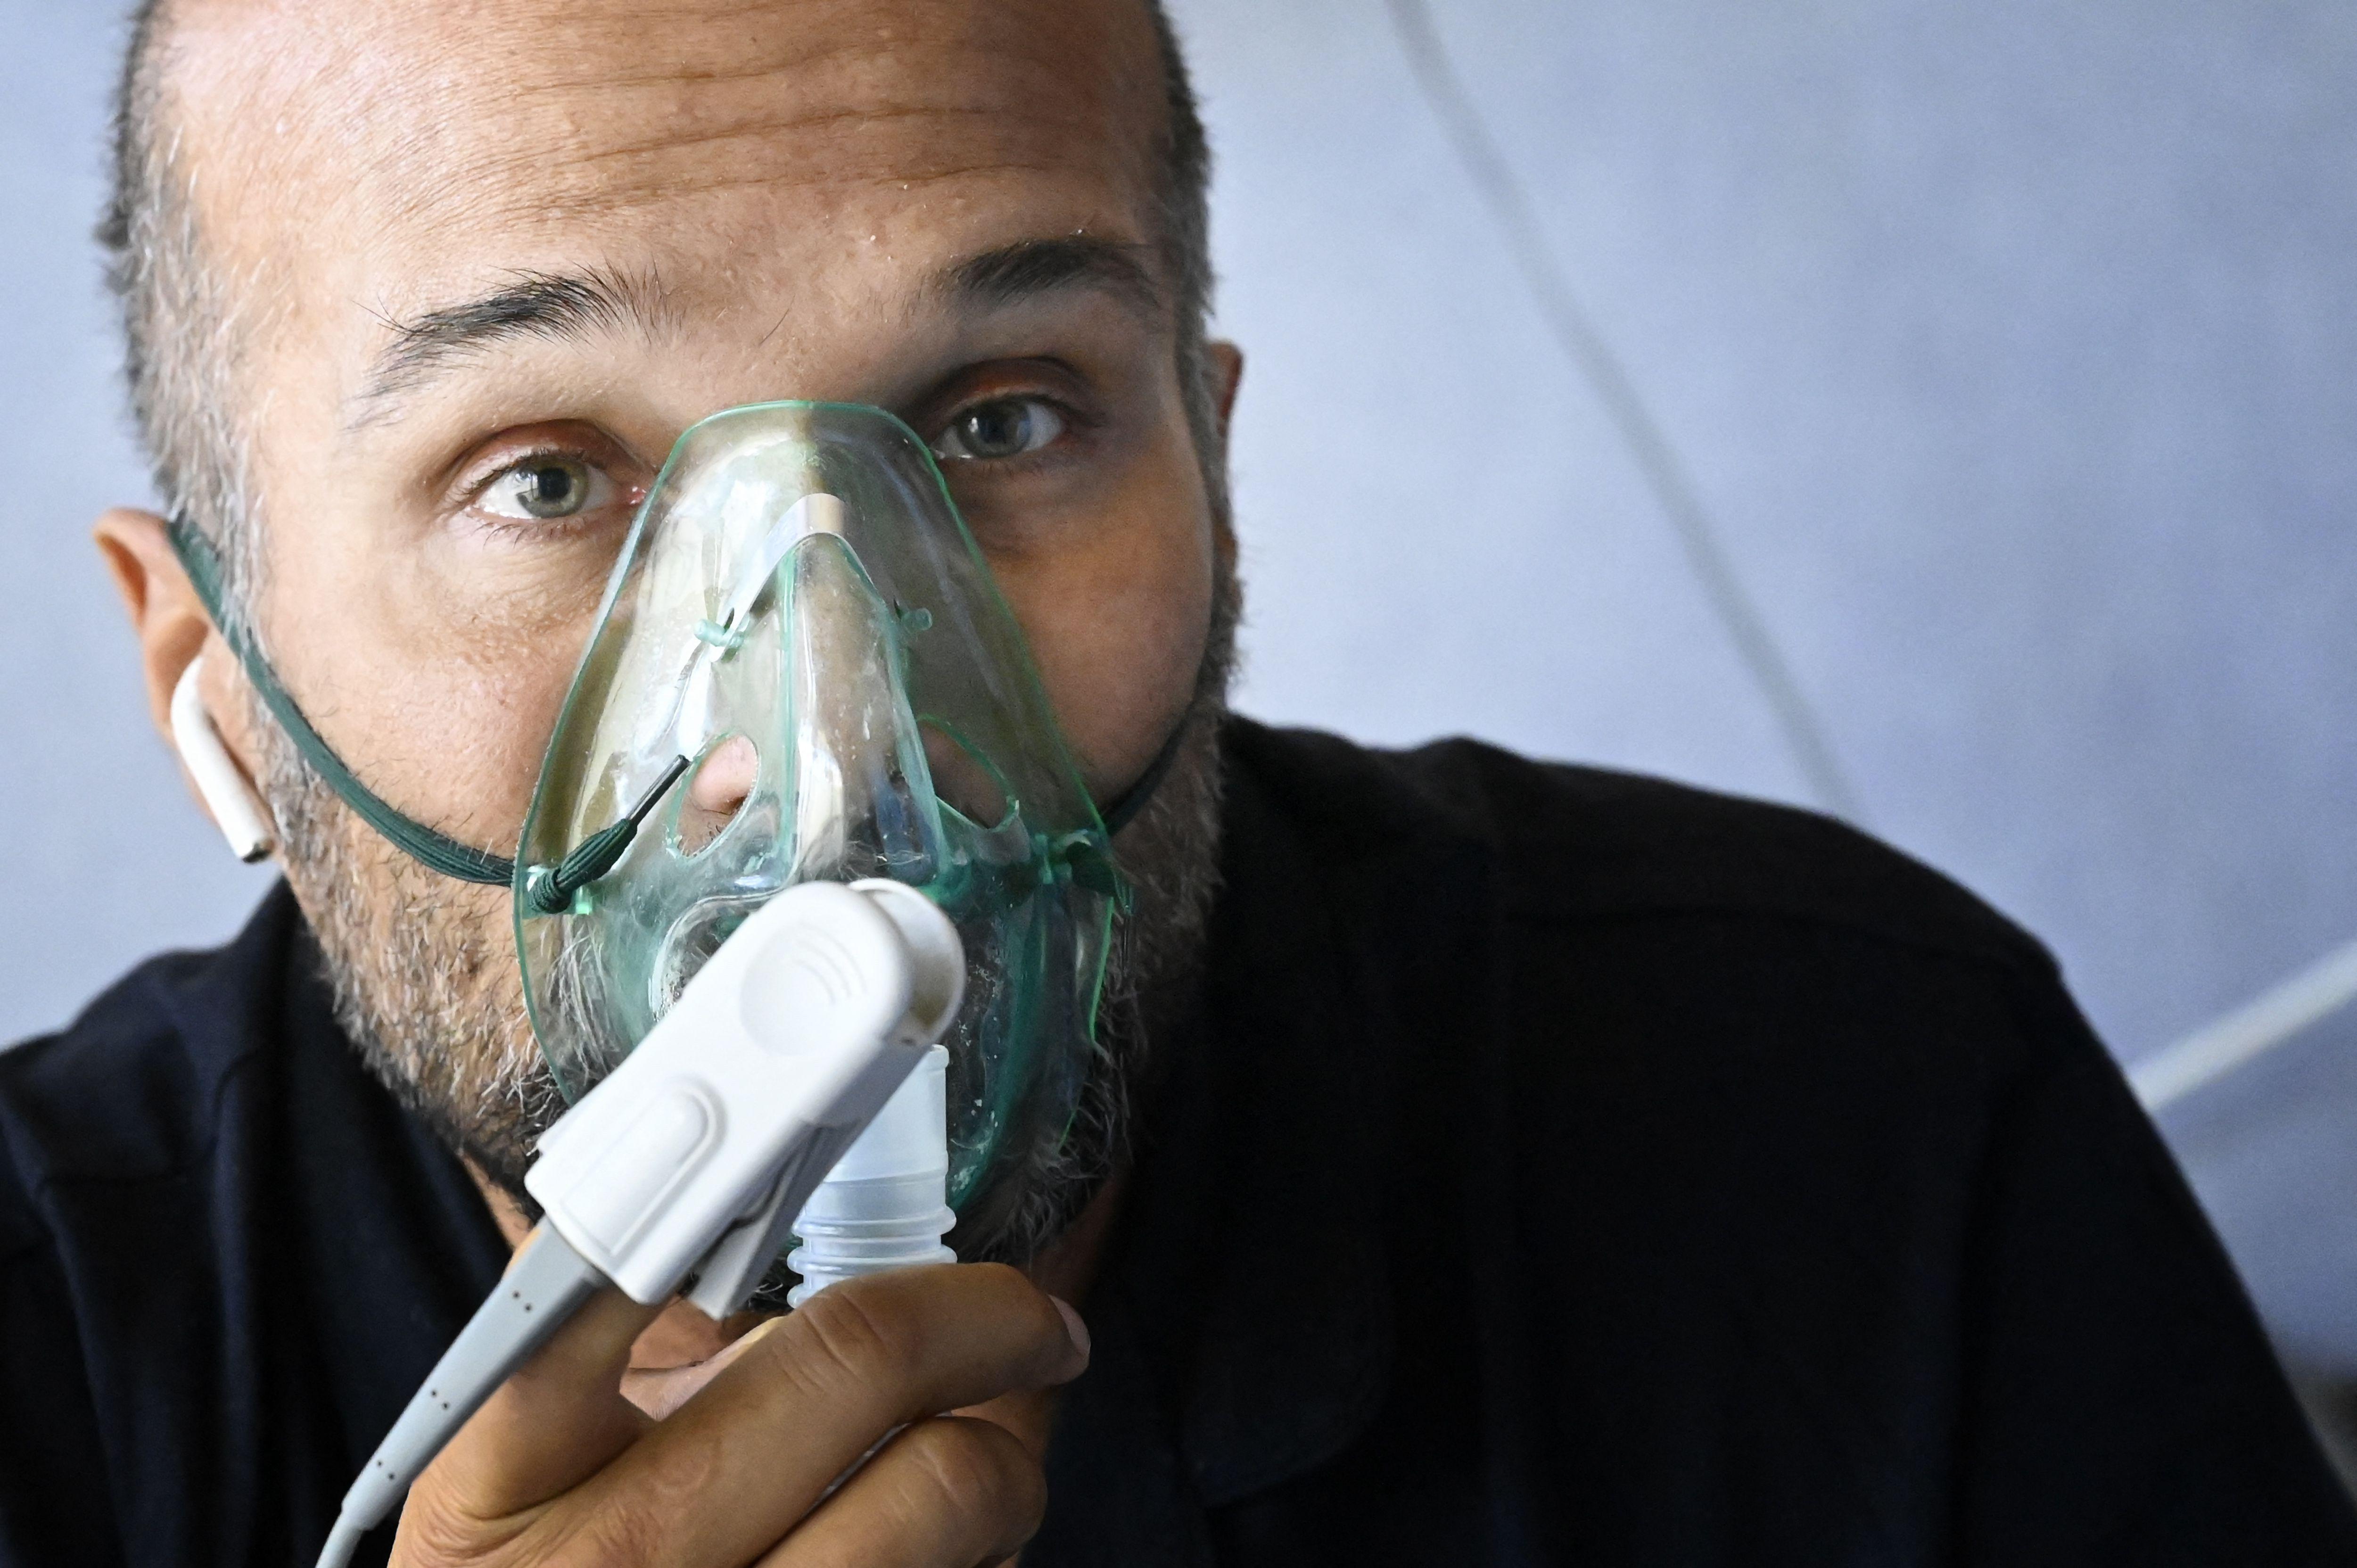 El director del hospital ICC Casalpalocco de Roma, Roberto Mezzanotte, reveló que entre el 90 y 95% de pacientes en la unidad de cuidados intensivos no se vacunaron. (Foto: Alberto PIZZOLI / AFP)